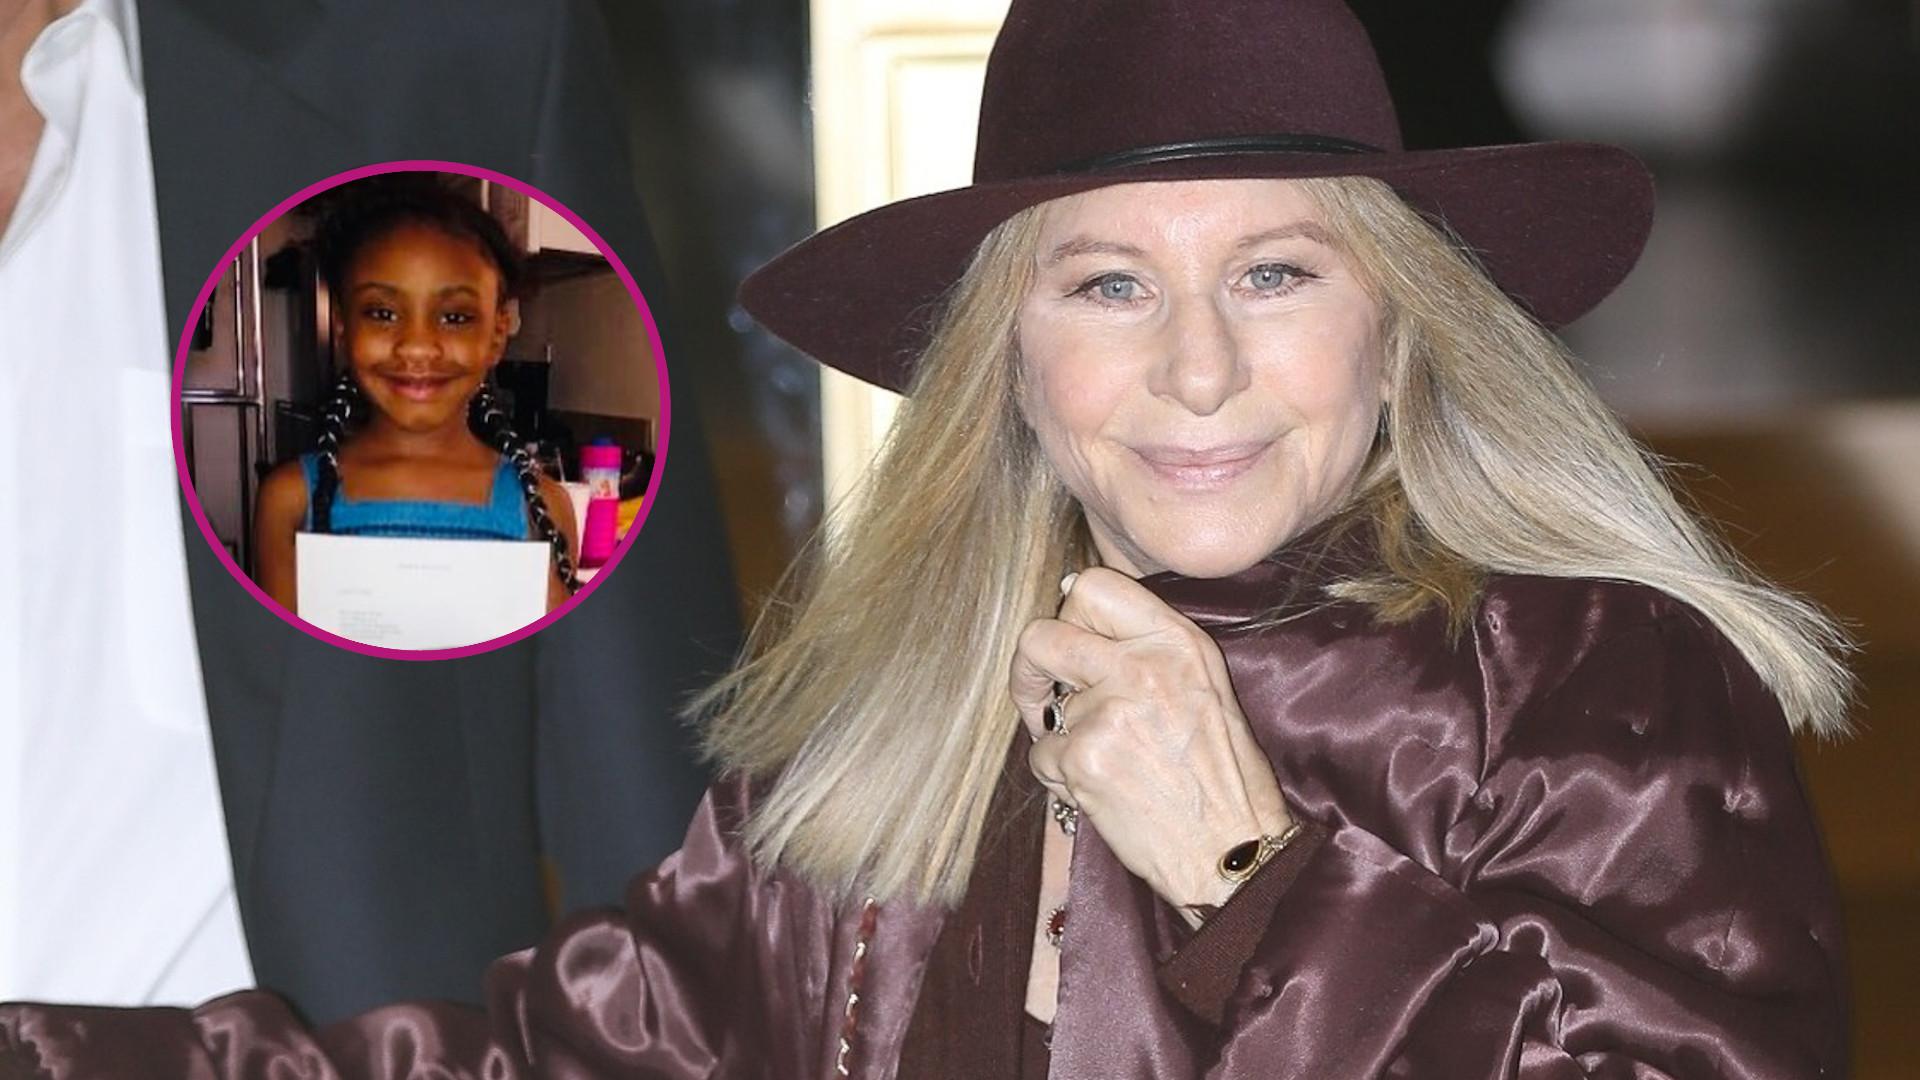 Córka George'a Floyda dostała NIEZWYKŁY prezent od Barbry Streisand